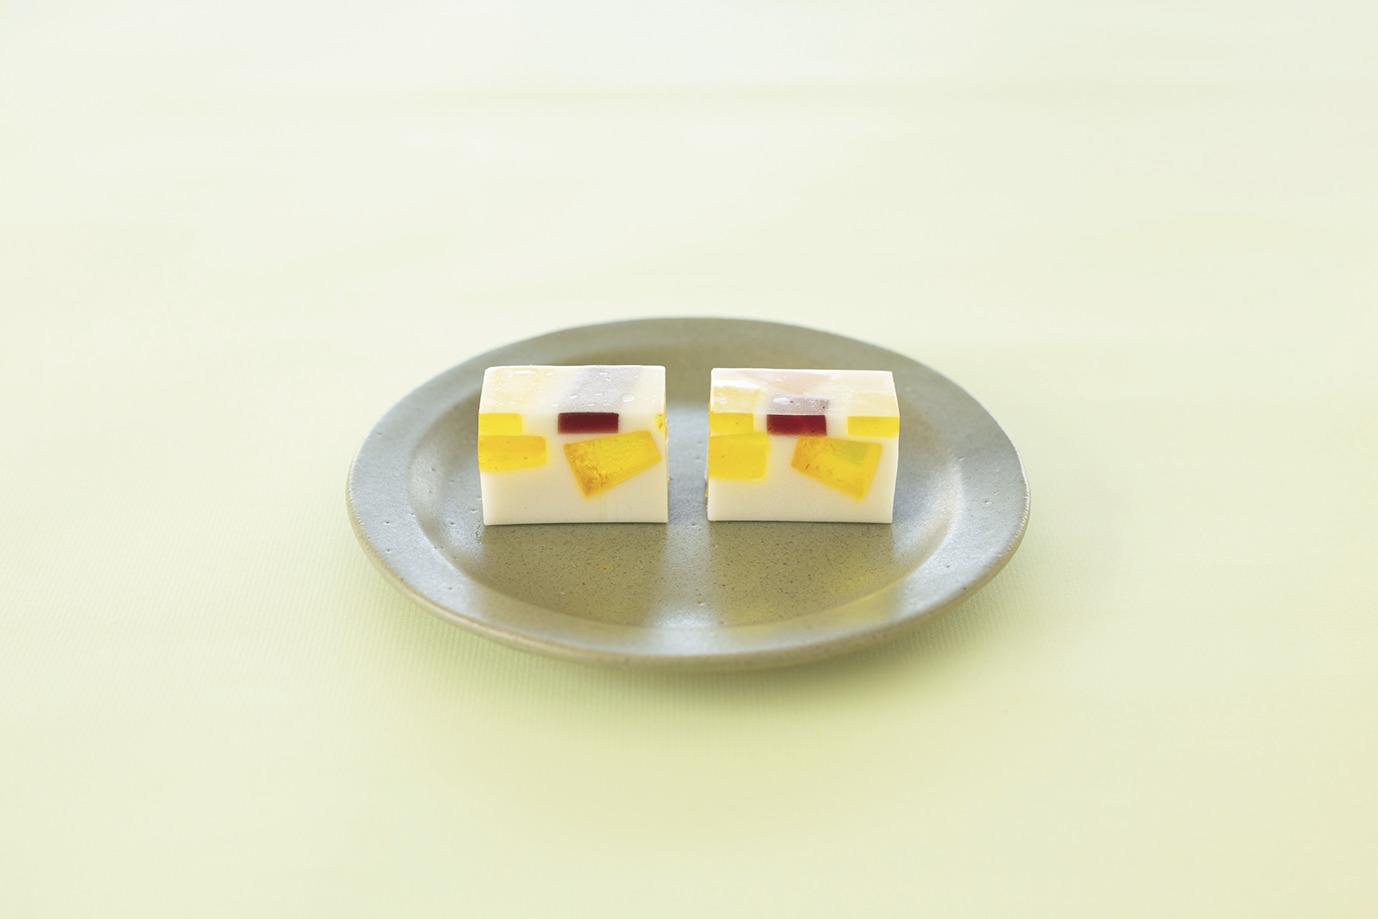 話題の「フルーツ大福」も!ご褒美に食べたい進化系お取り寄せ和菓子4選